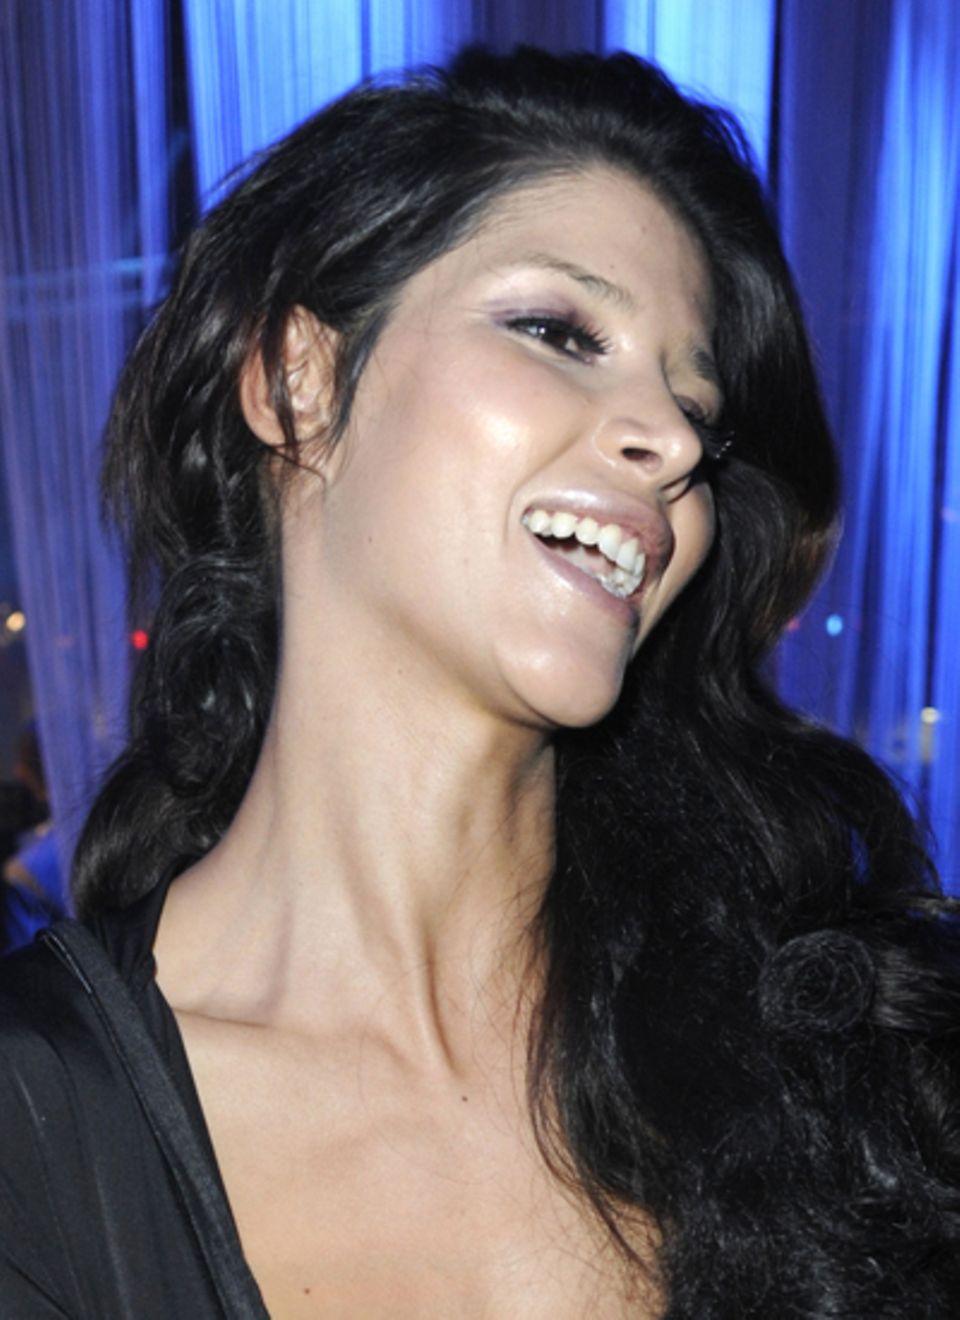 Micaela Schäfer - Dschungelcamp 2012